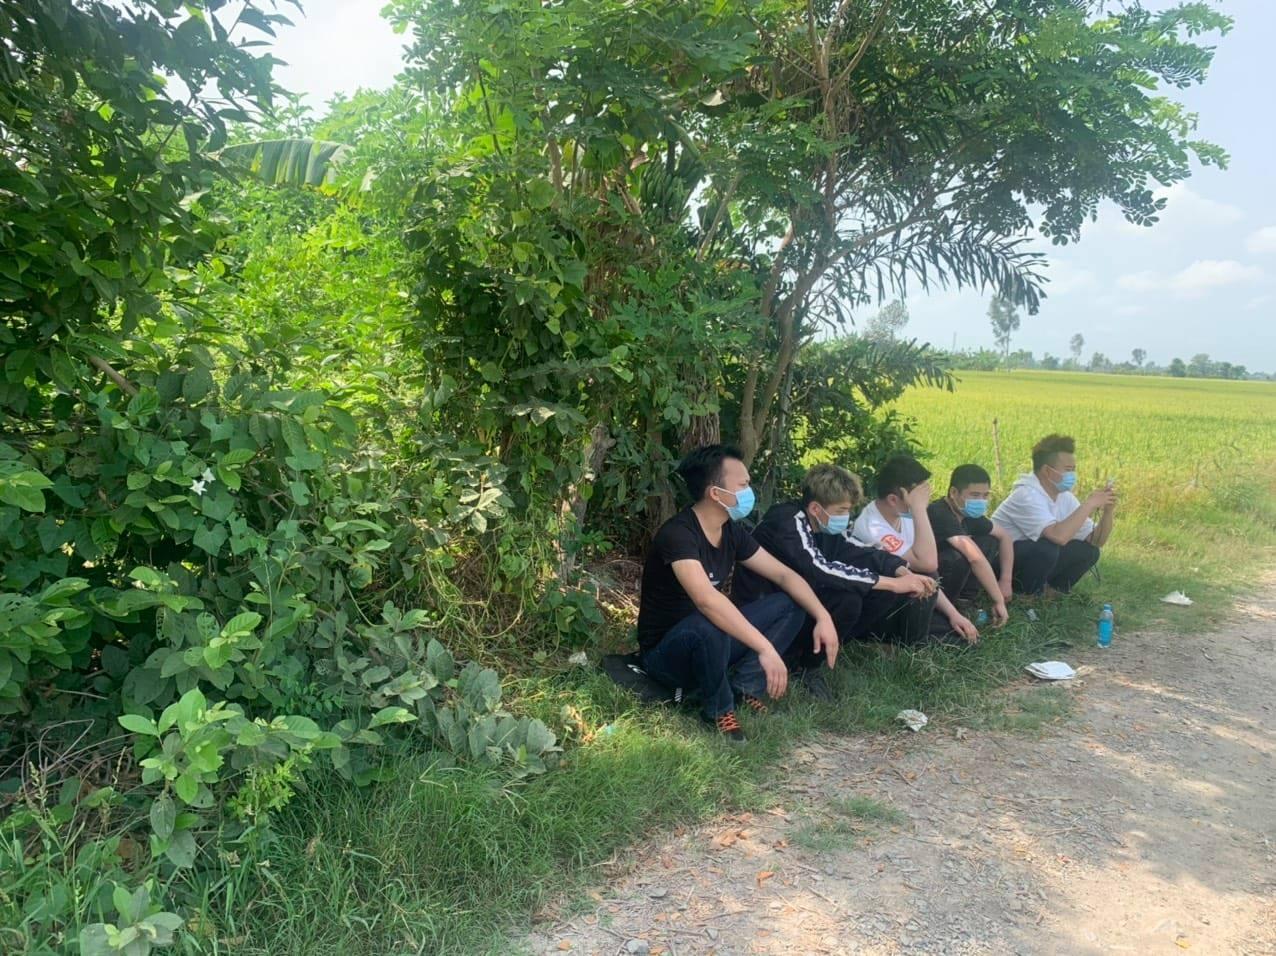 Bắt 5 người Trung Quốc nhập cảnh trái phép vào Việt Nam